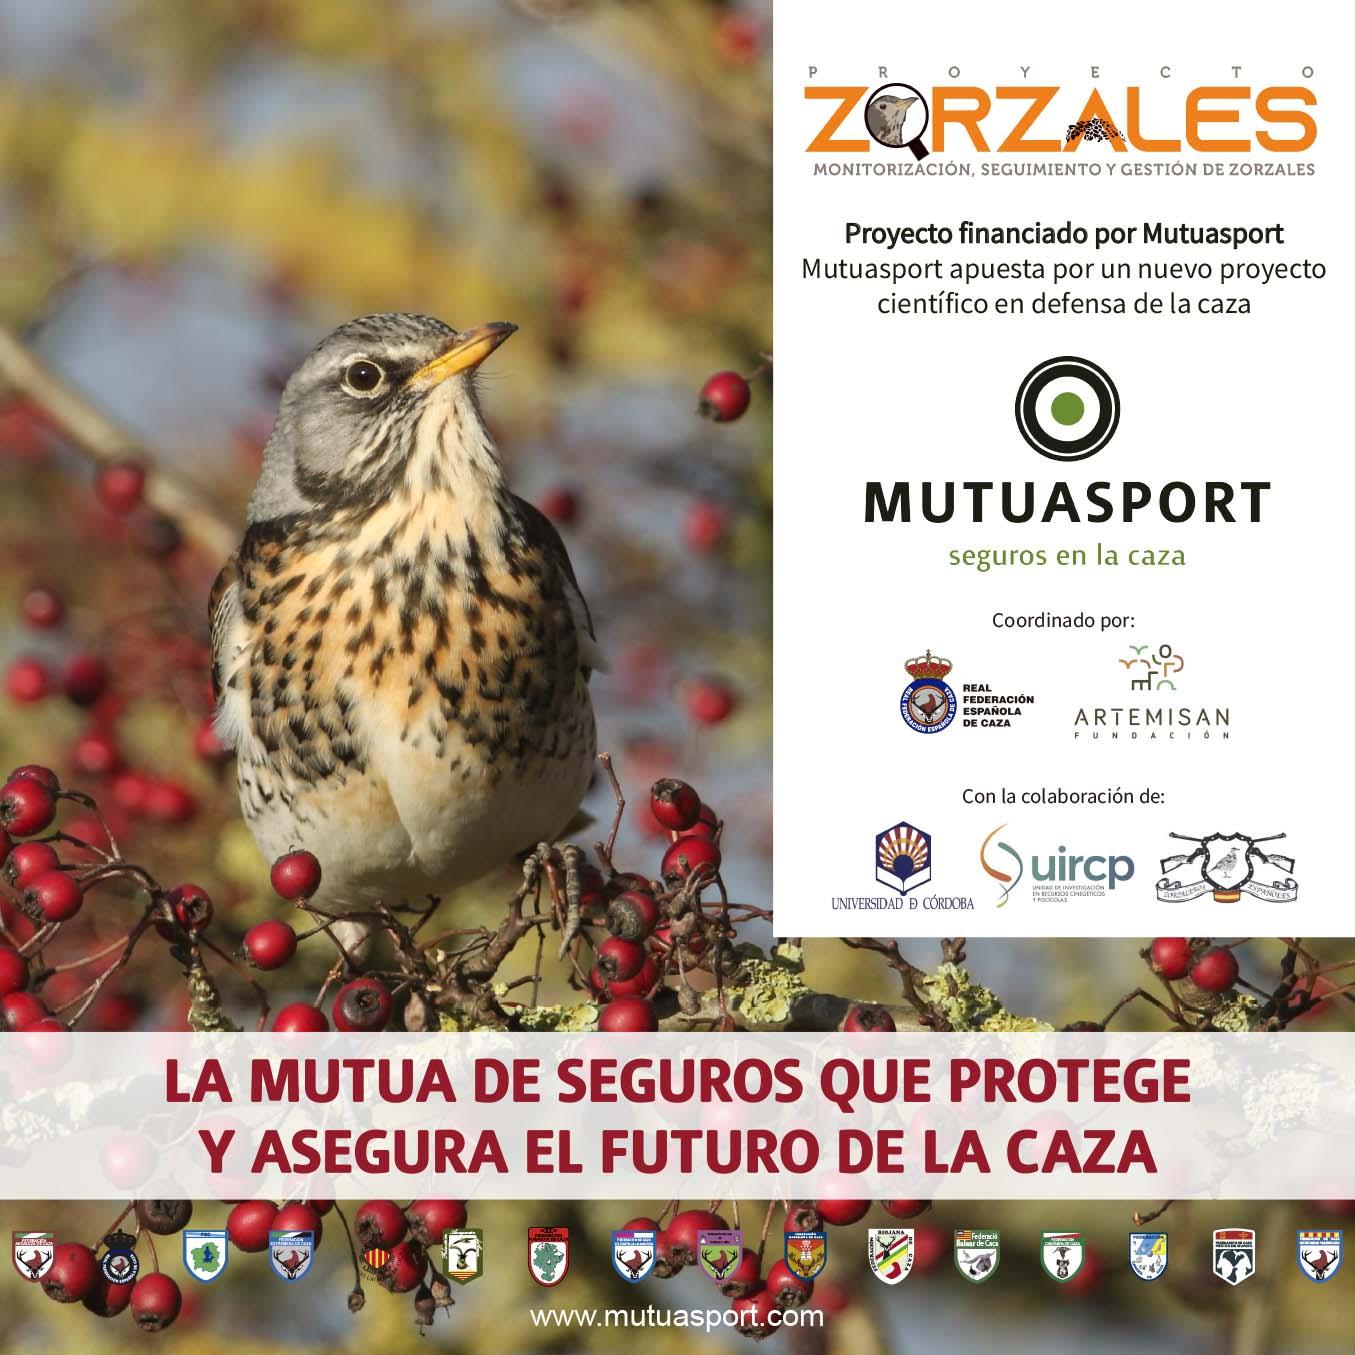 Proyecto ZORZALES: te contamos qué es, cómo participar y por qué es tan importante para la caza